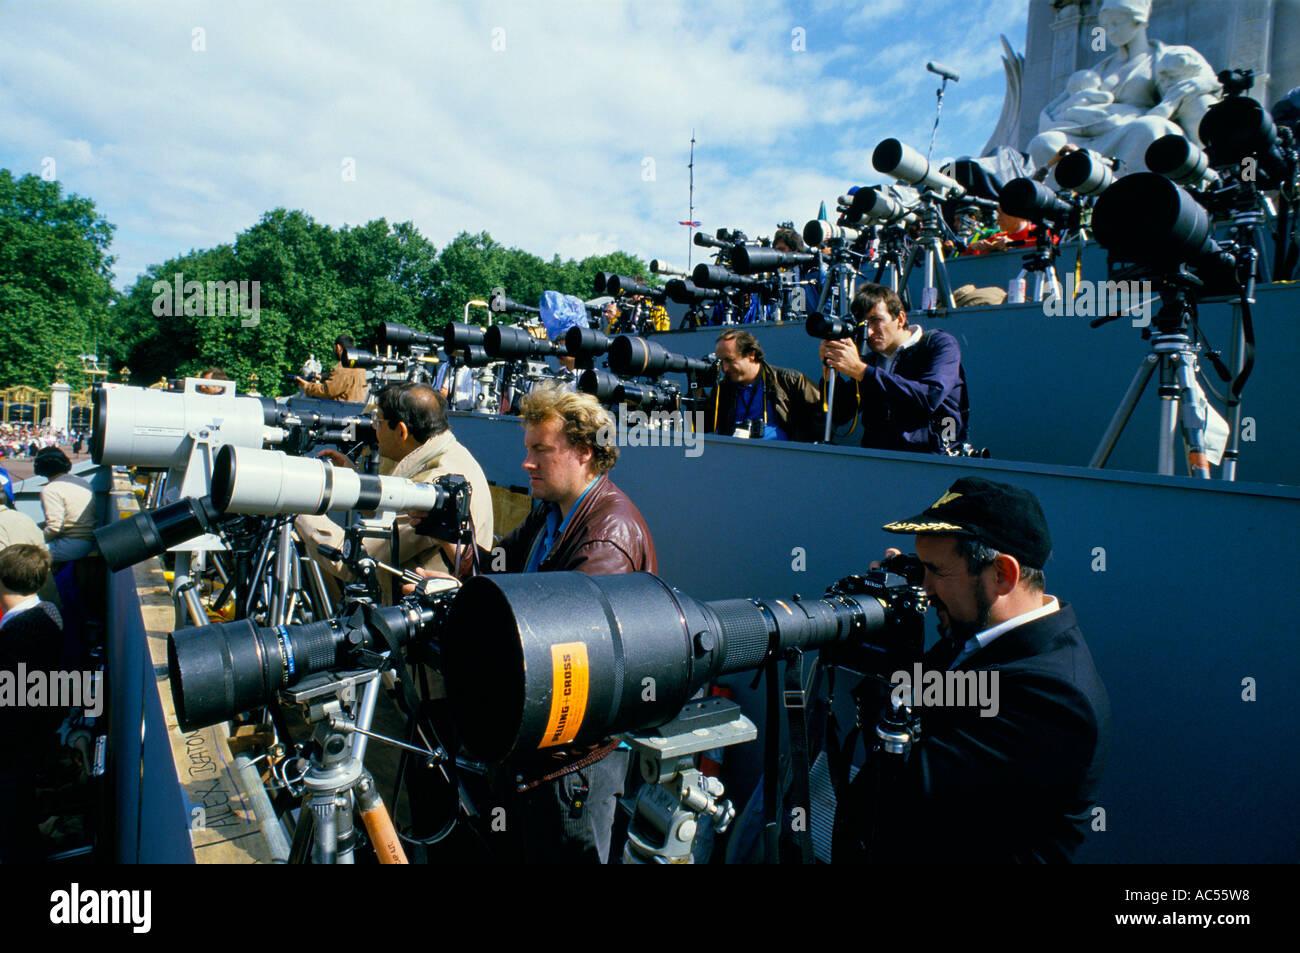 KEN LENNOX AMONG MANY PHOTOGRAPHERS WITH BIG TELEPHOTO LENSES - Stock Image